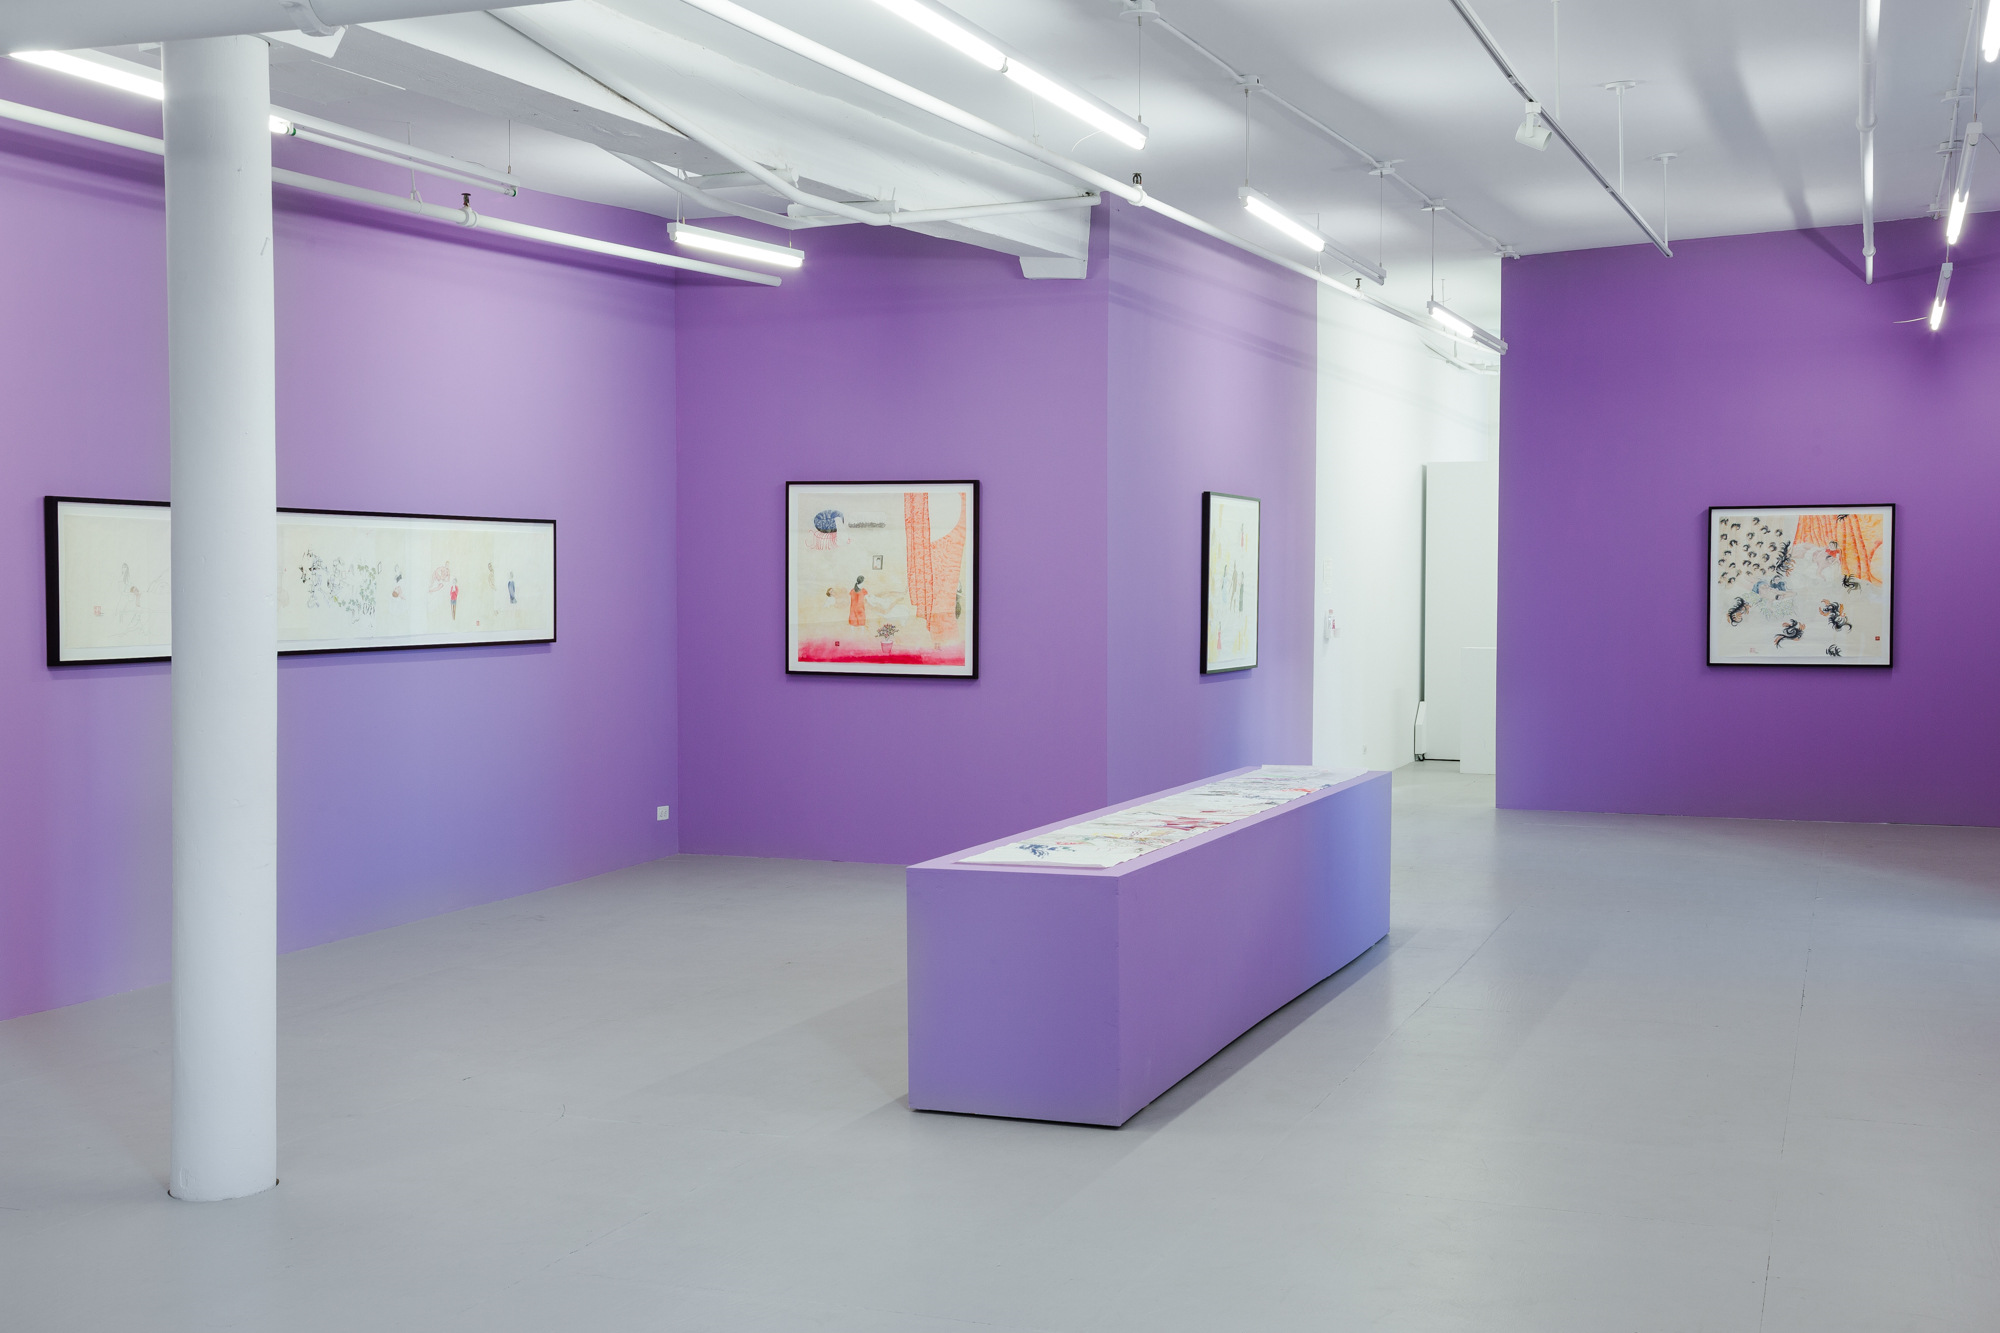 Taocheng Wang_Massage Near Me_Company Gallery_Large Jpegs-3